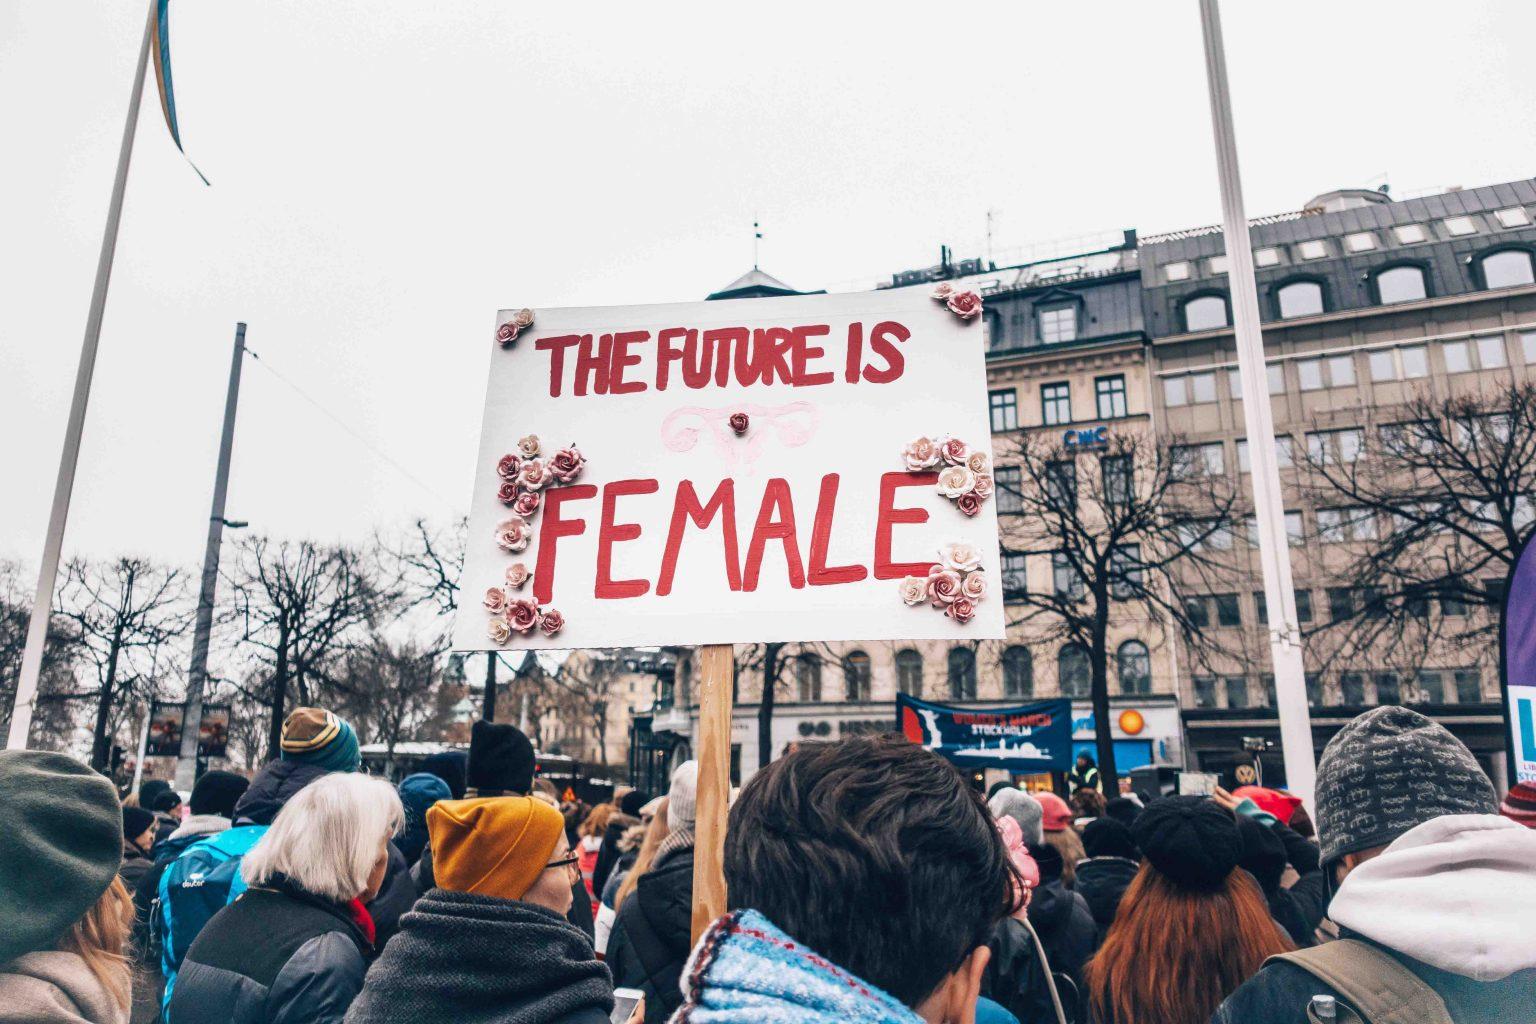 #Agendademocratiche Recovery per occupazione femminile e infrastrutture sociali